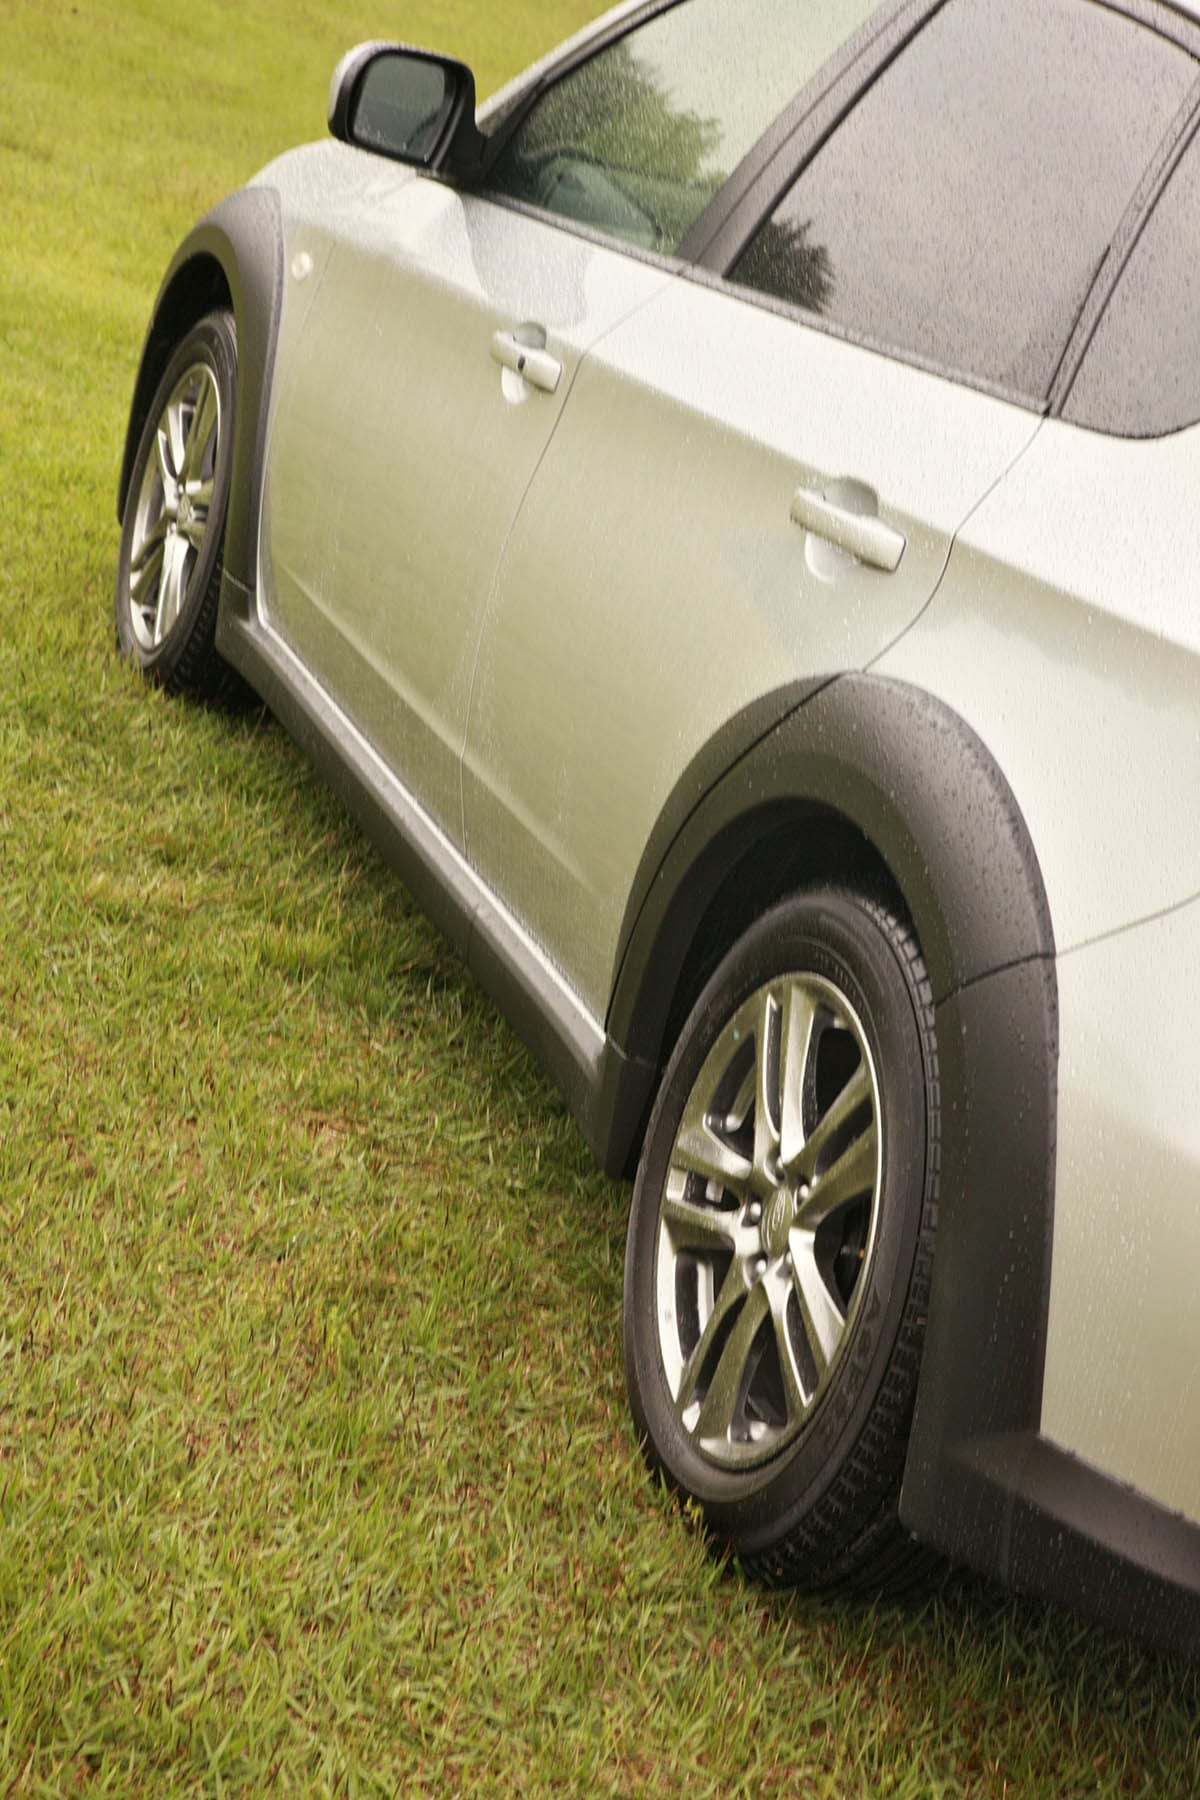 実は初代はコチラです! スバル・GH系インプレッサXV(2010年6月~2012年2月) 中古車選びに役立つ「当時モノ」新車レビュー